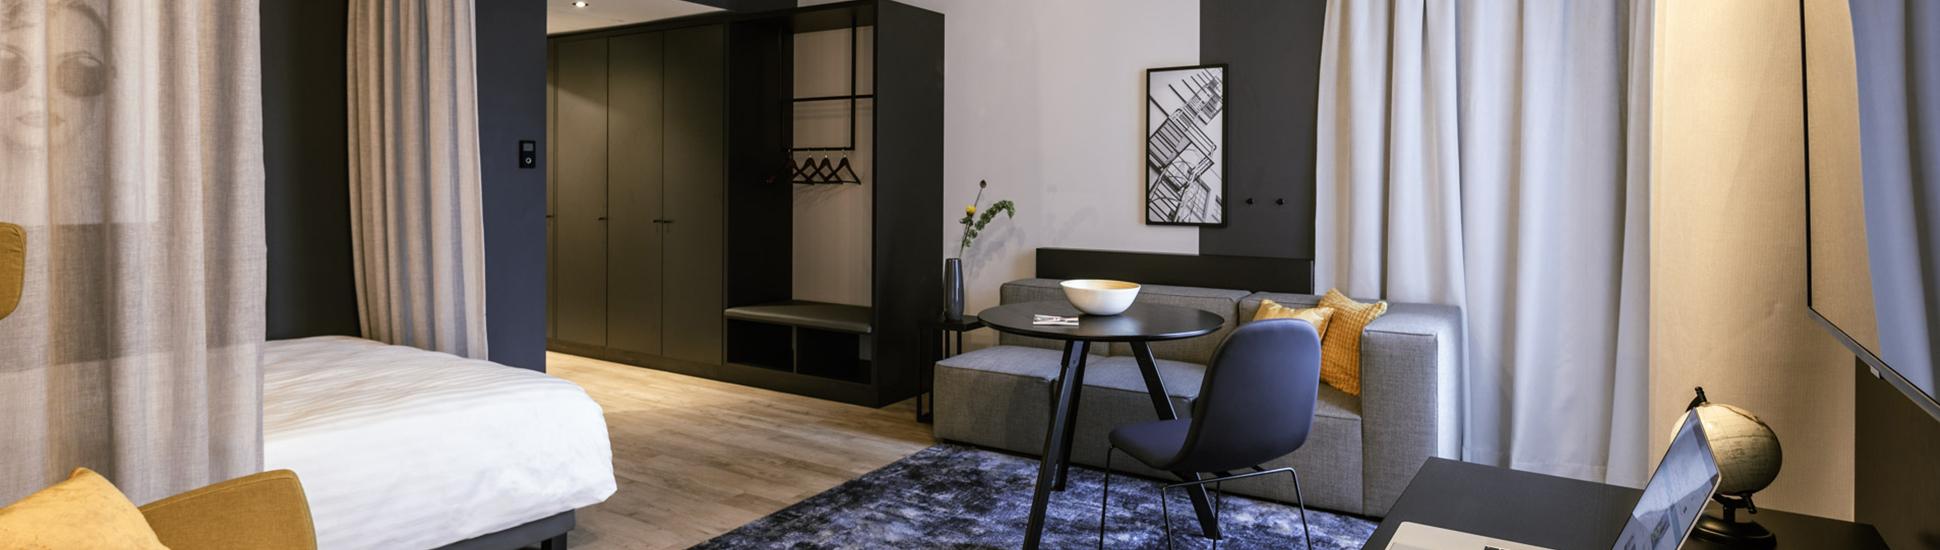 Komplette Zimmeransicht eines JOYN Serviced Apartments